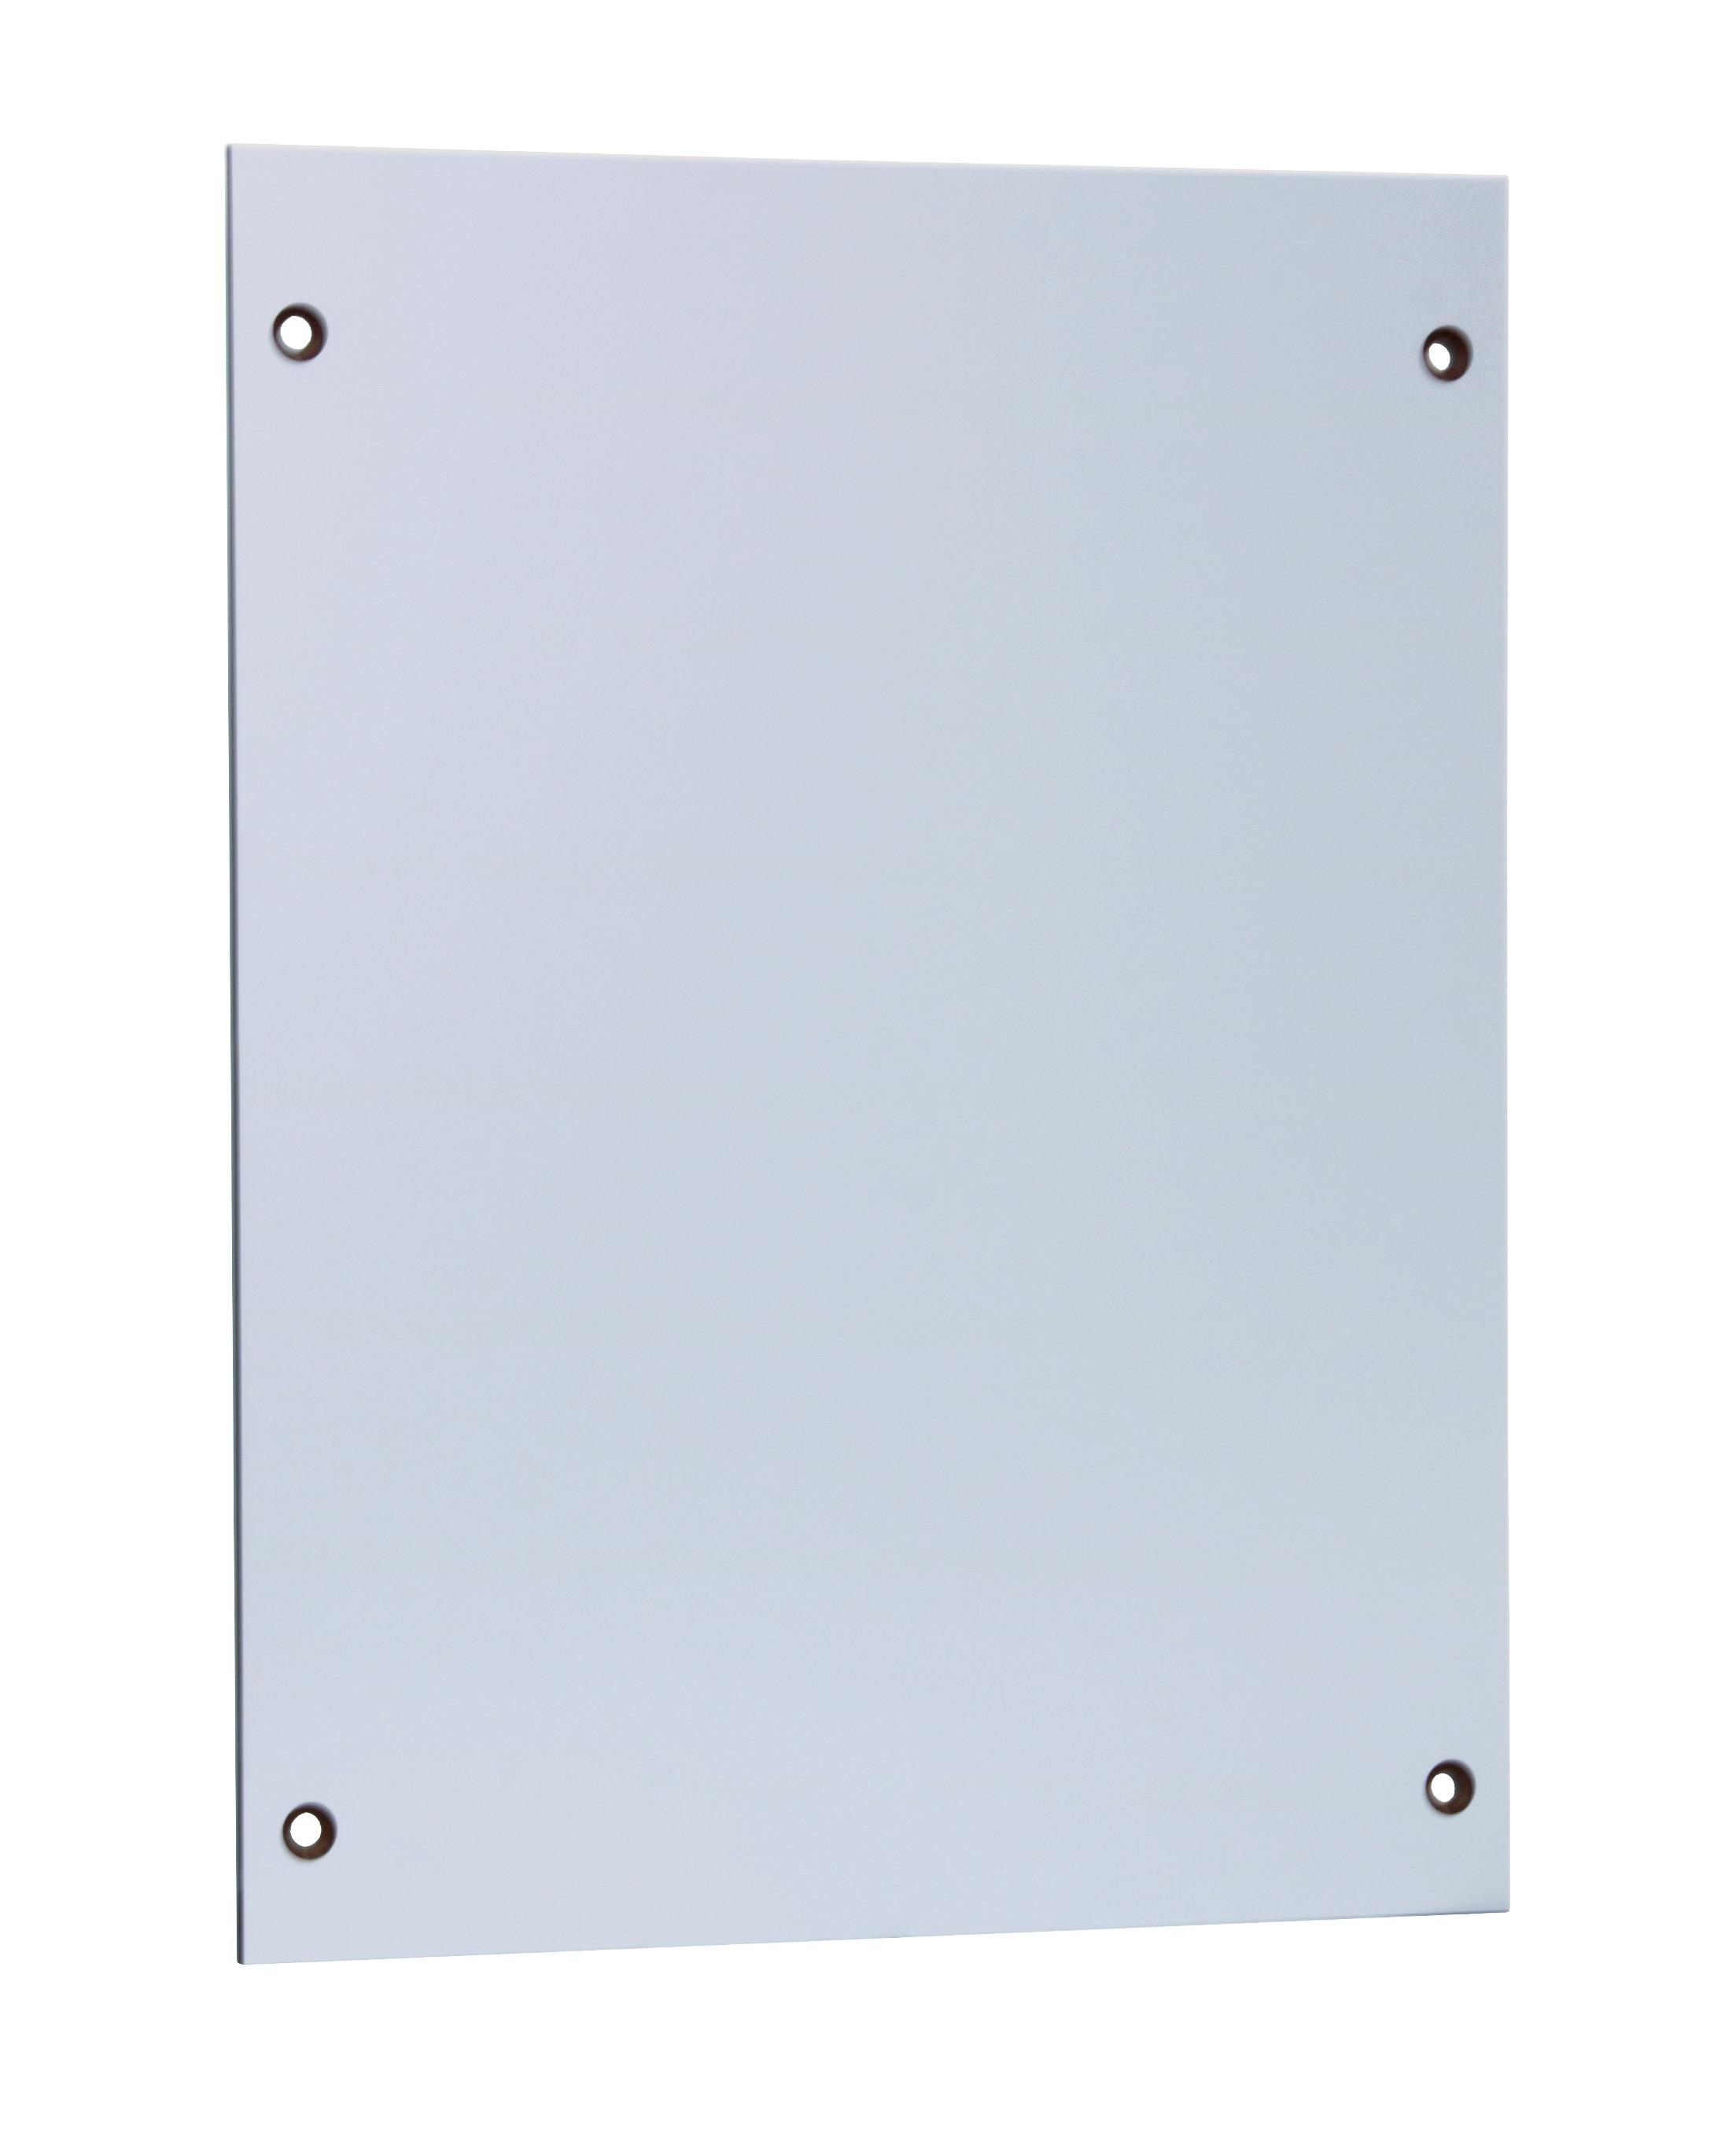 1 Stk Montageplatte für IG008205, 1025x648x6mm IG008225--